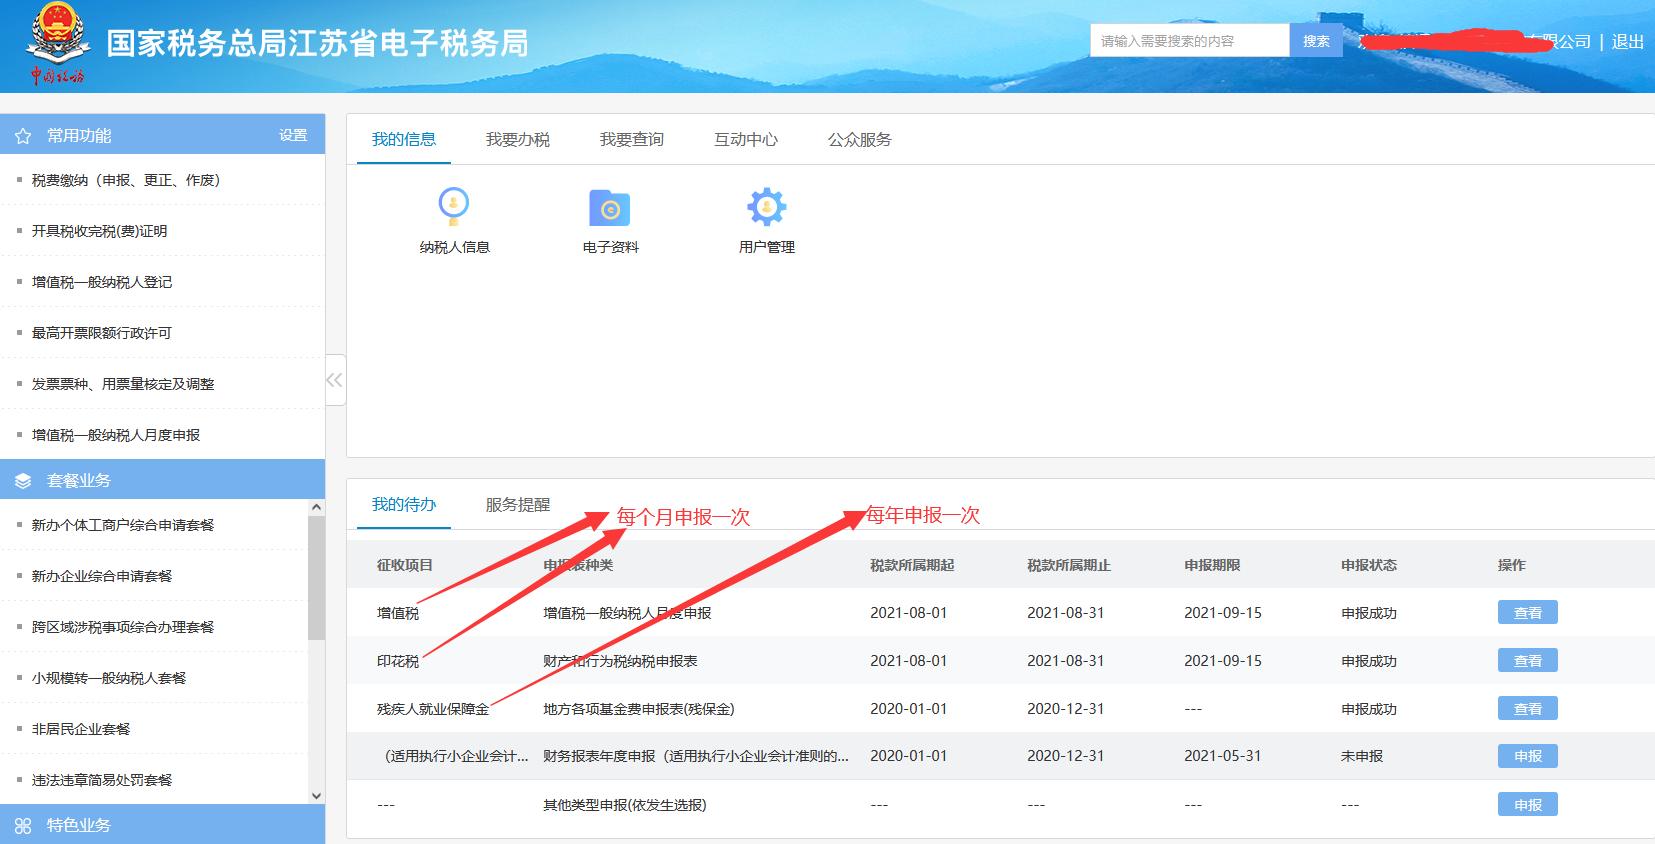 国家税务总局江苏省电子税务局 每个月/每年申报税种